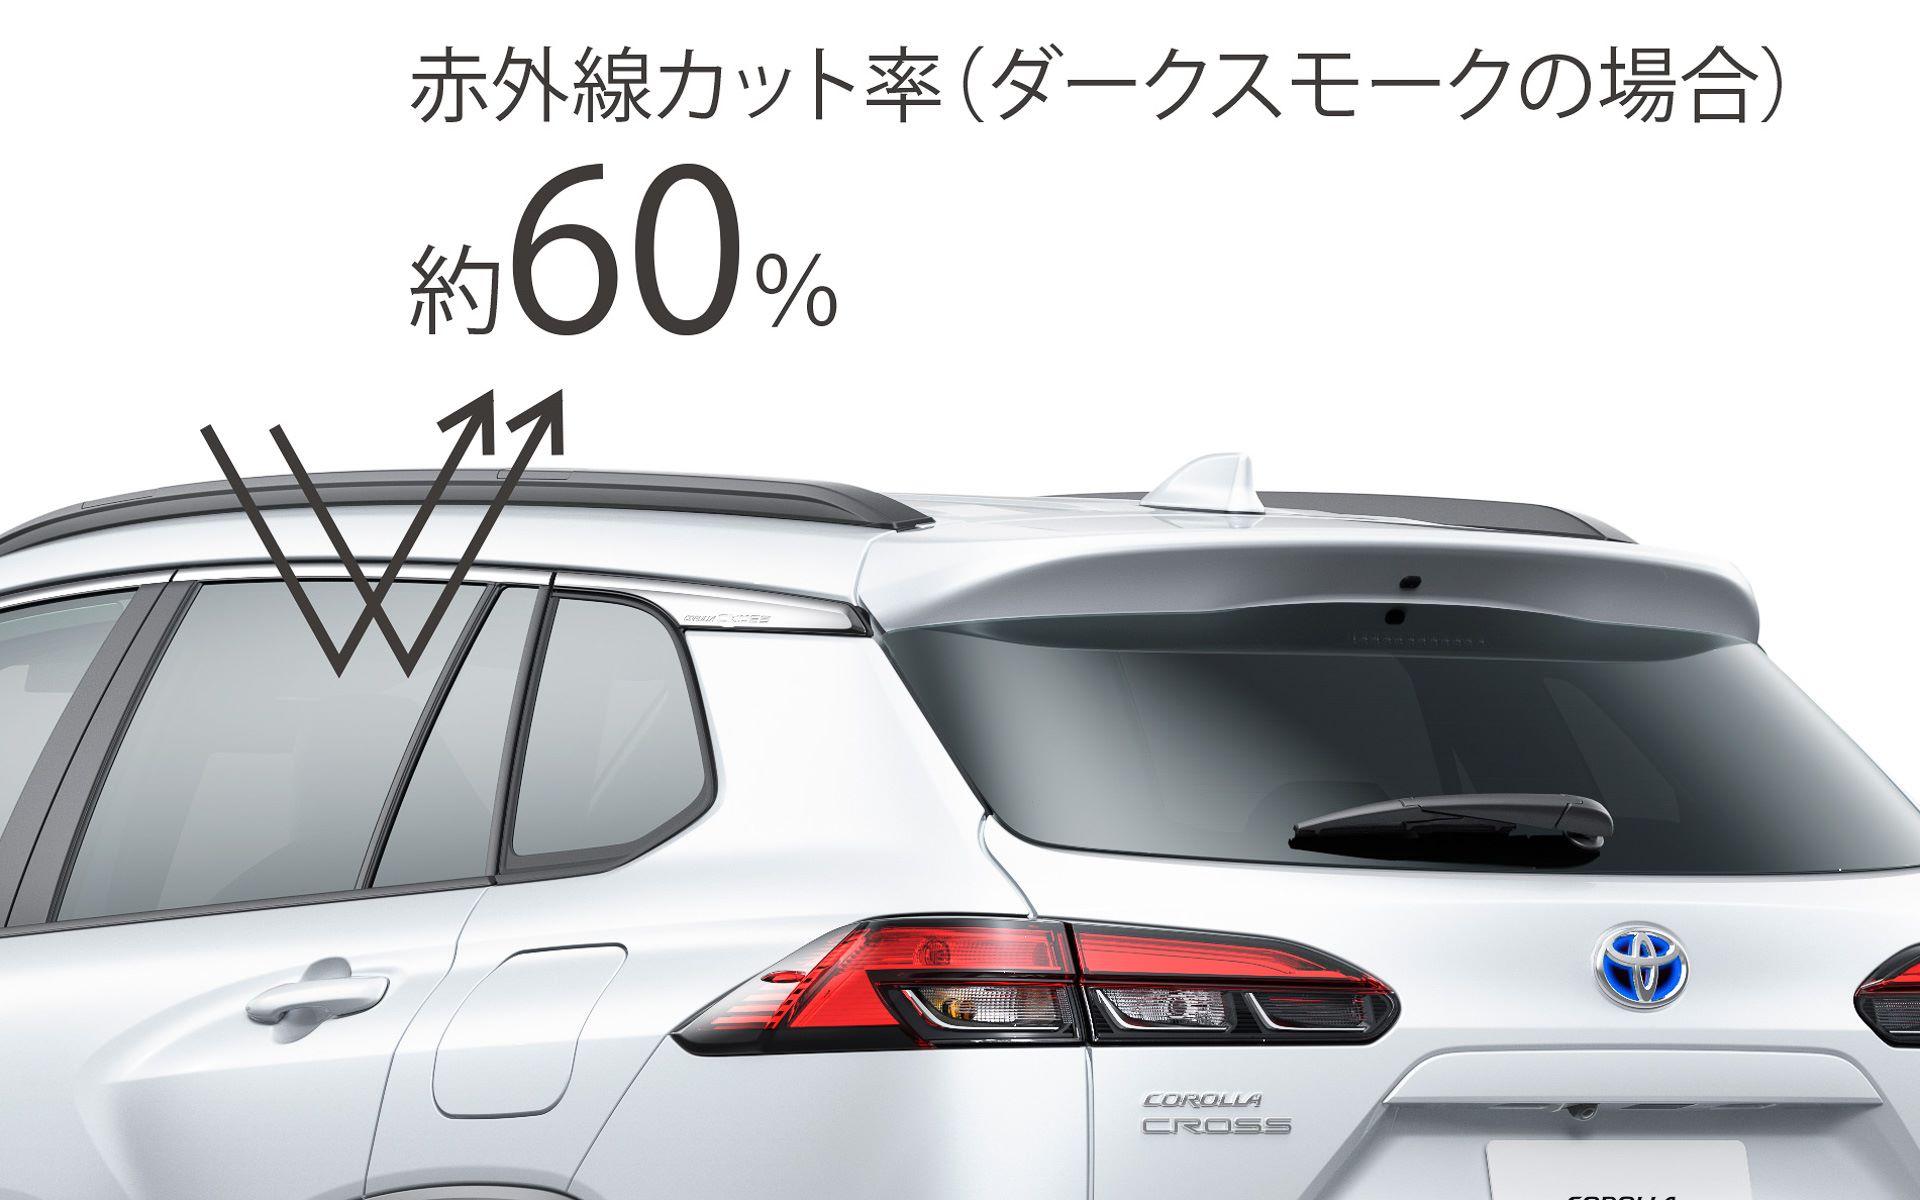 Toyota-Corolla-Cross-by-Modellista-31